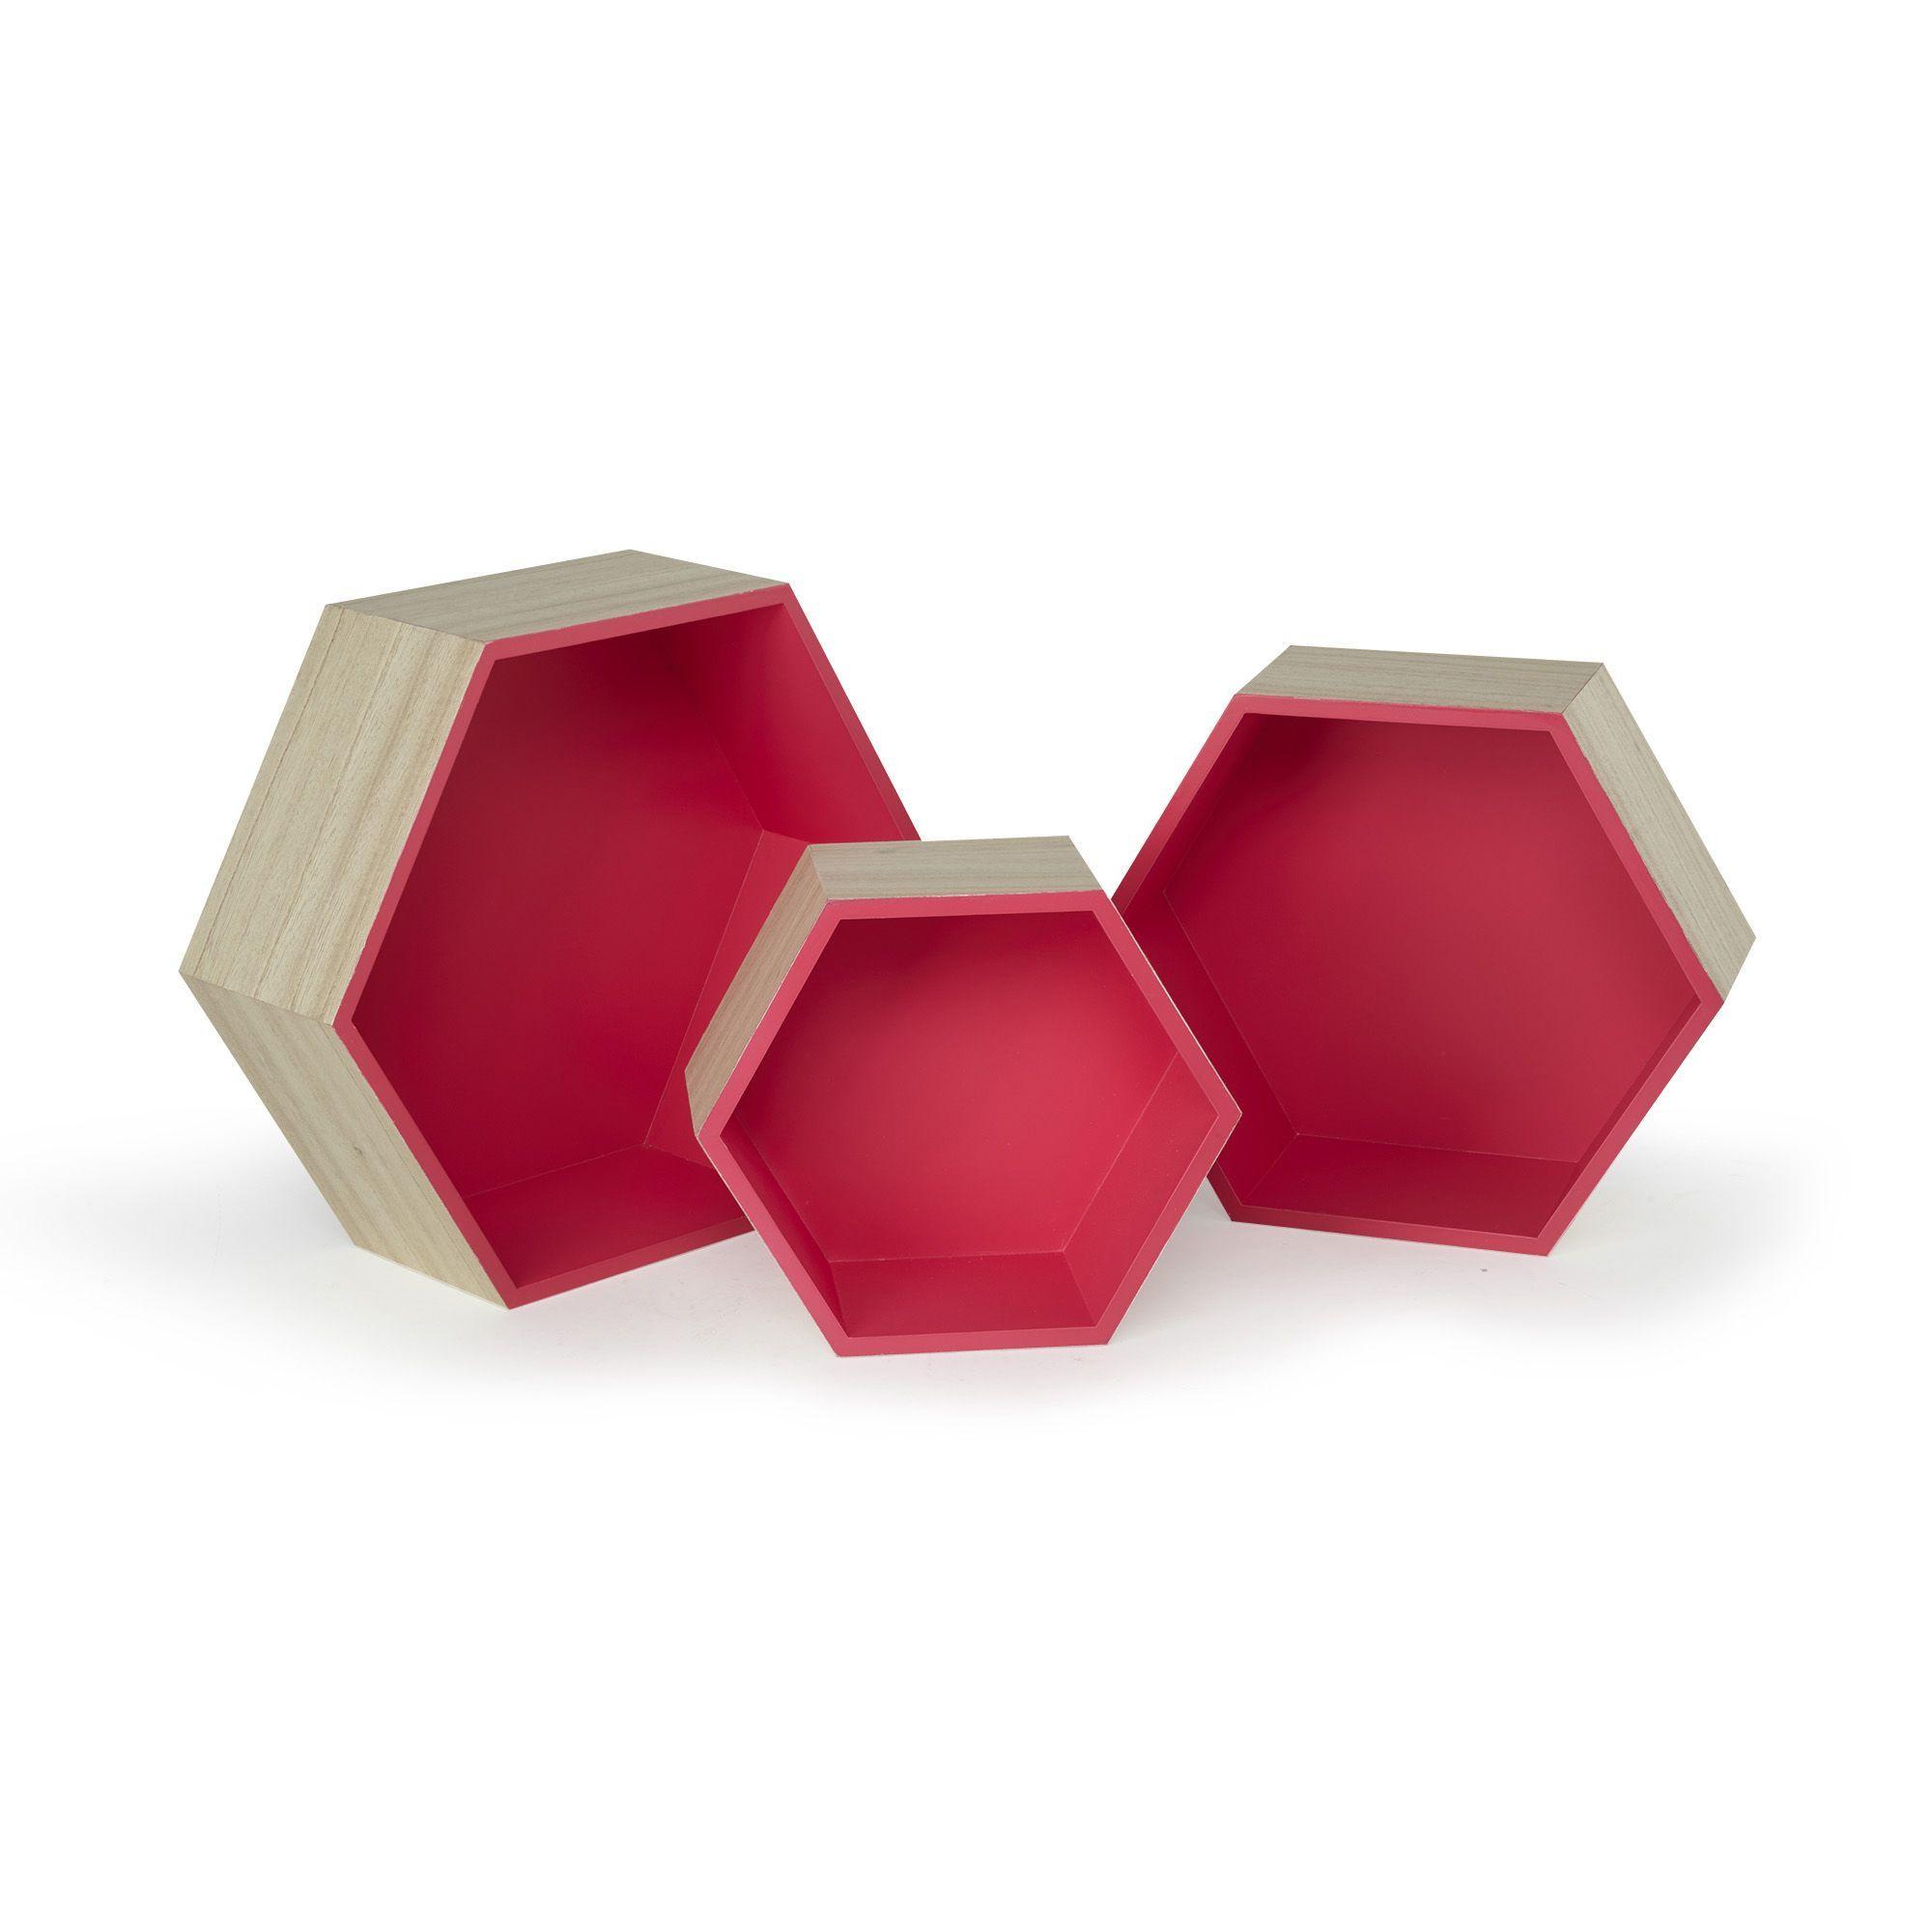 etag re hexagonale petit mod le rush salon et salle manger par pi ce alin a fr. Black Bedroom Furniture Sets. Home Design Ideas